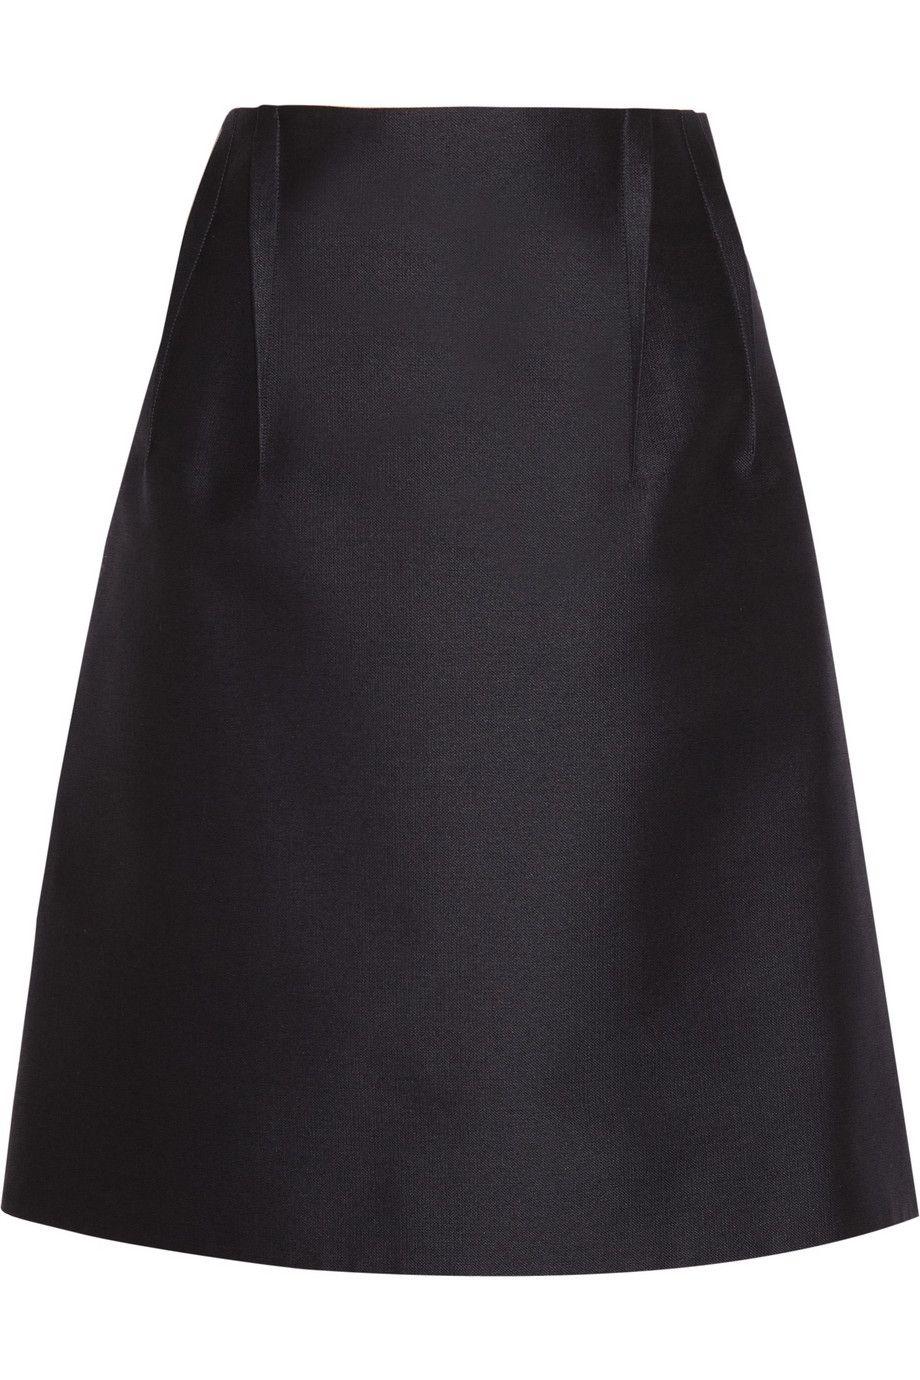 Jil Sander|Polka woven A-line skirt |NET-A-PORTER.COM